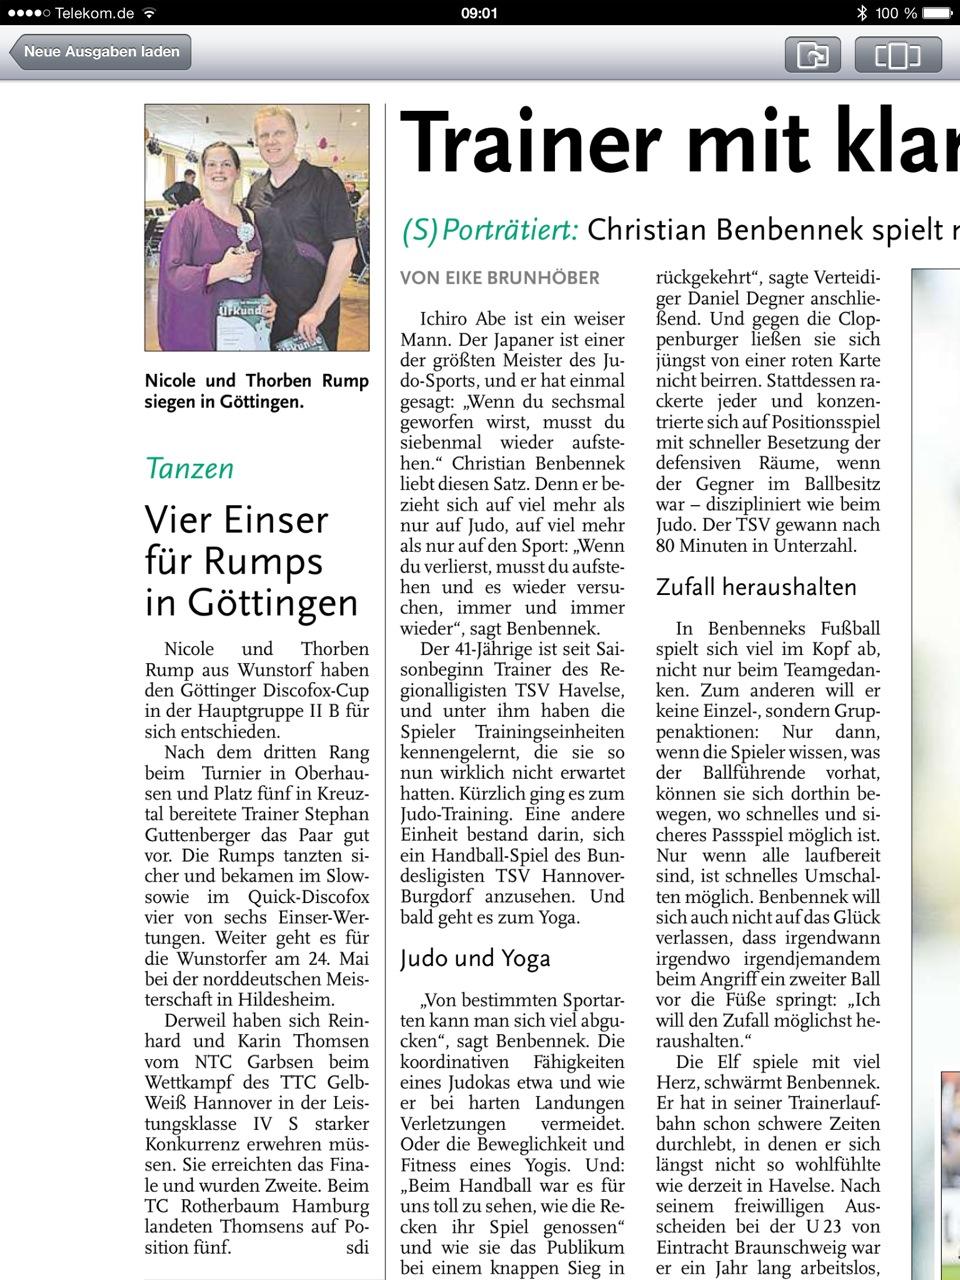 Göttinger Discofox Cup 2014